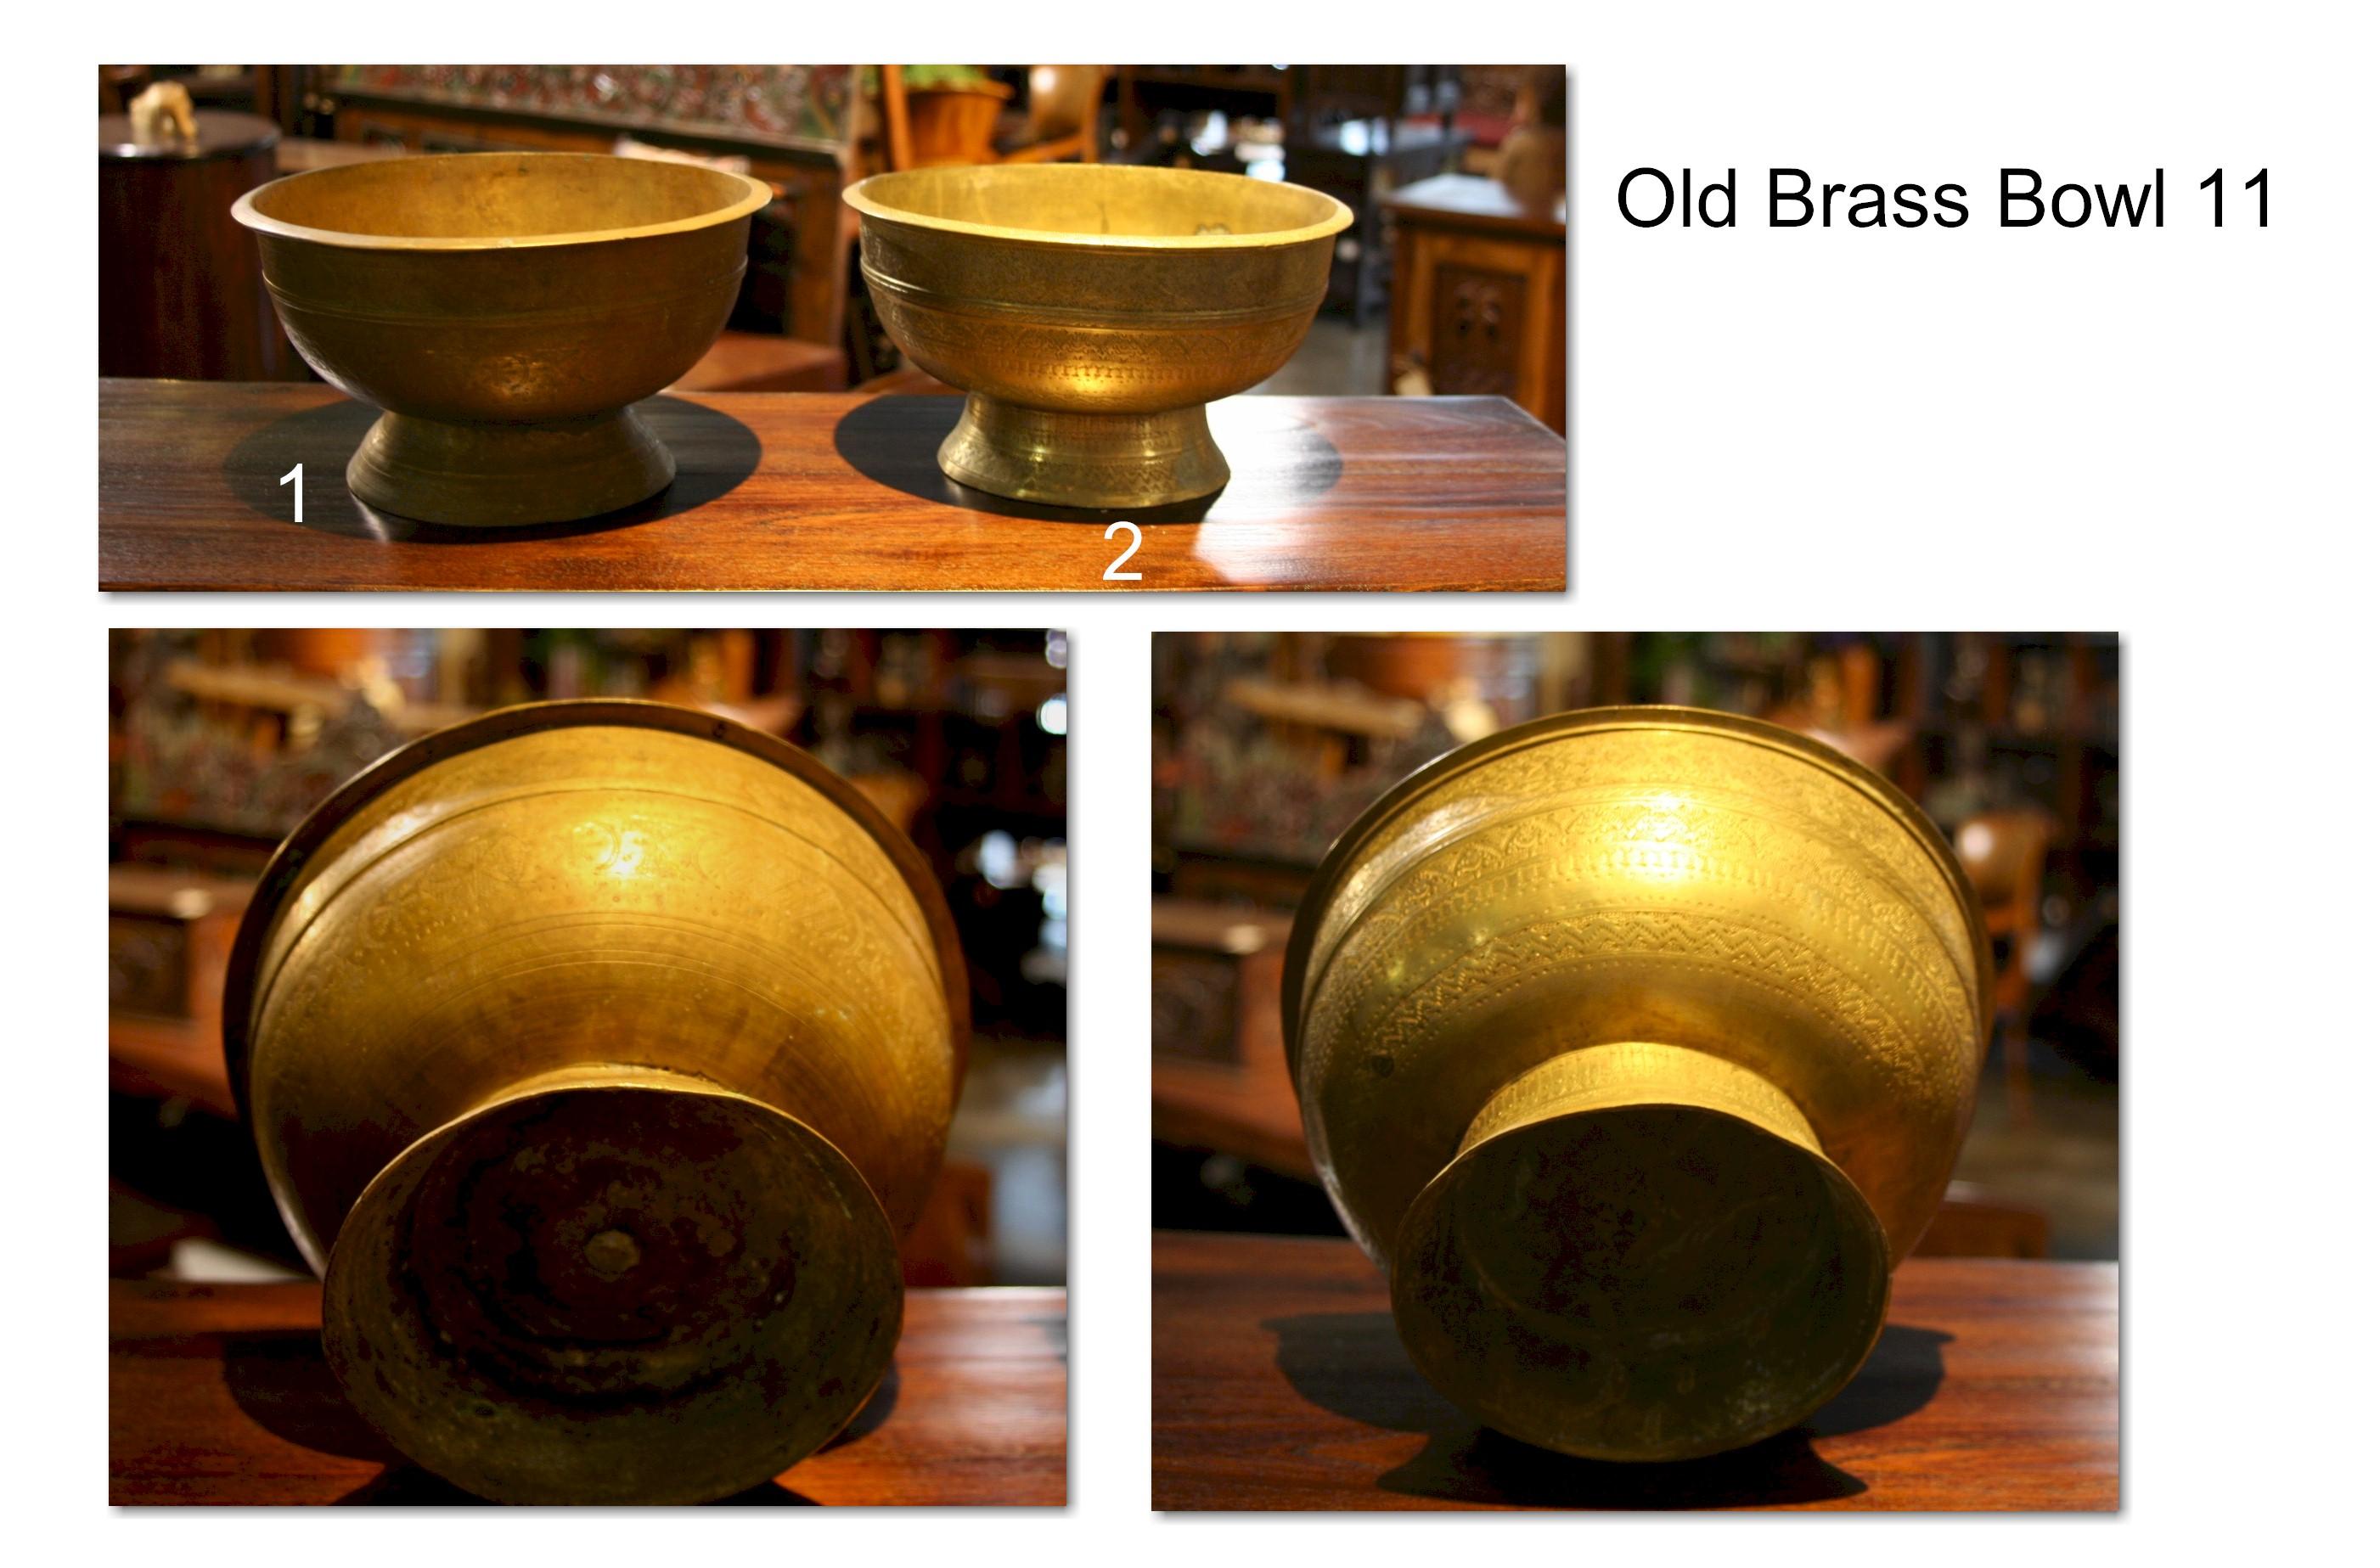 Old Brass Bowl 11